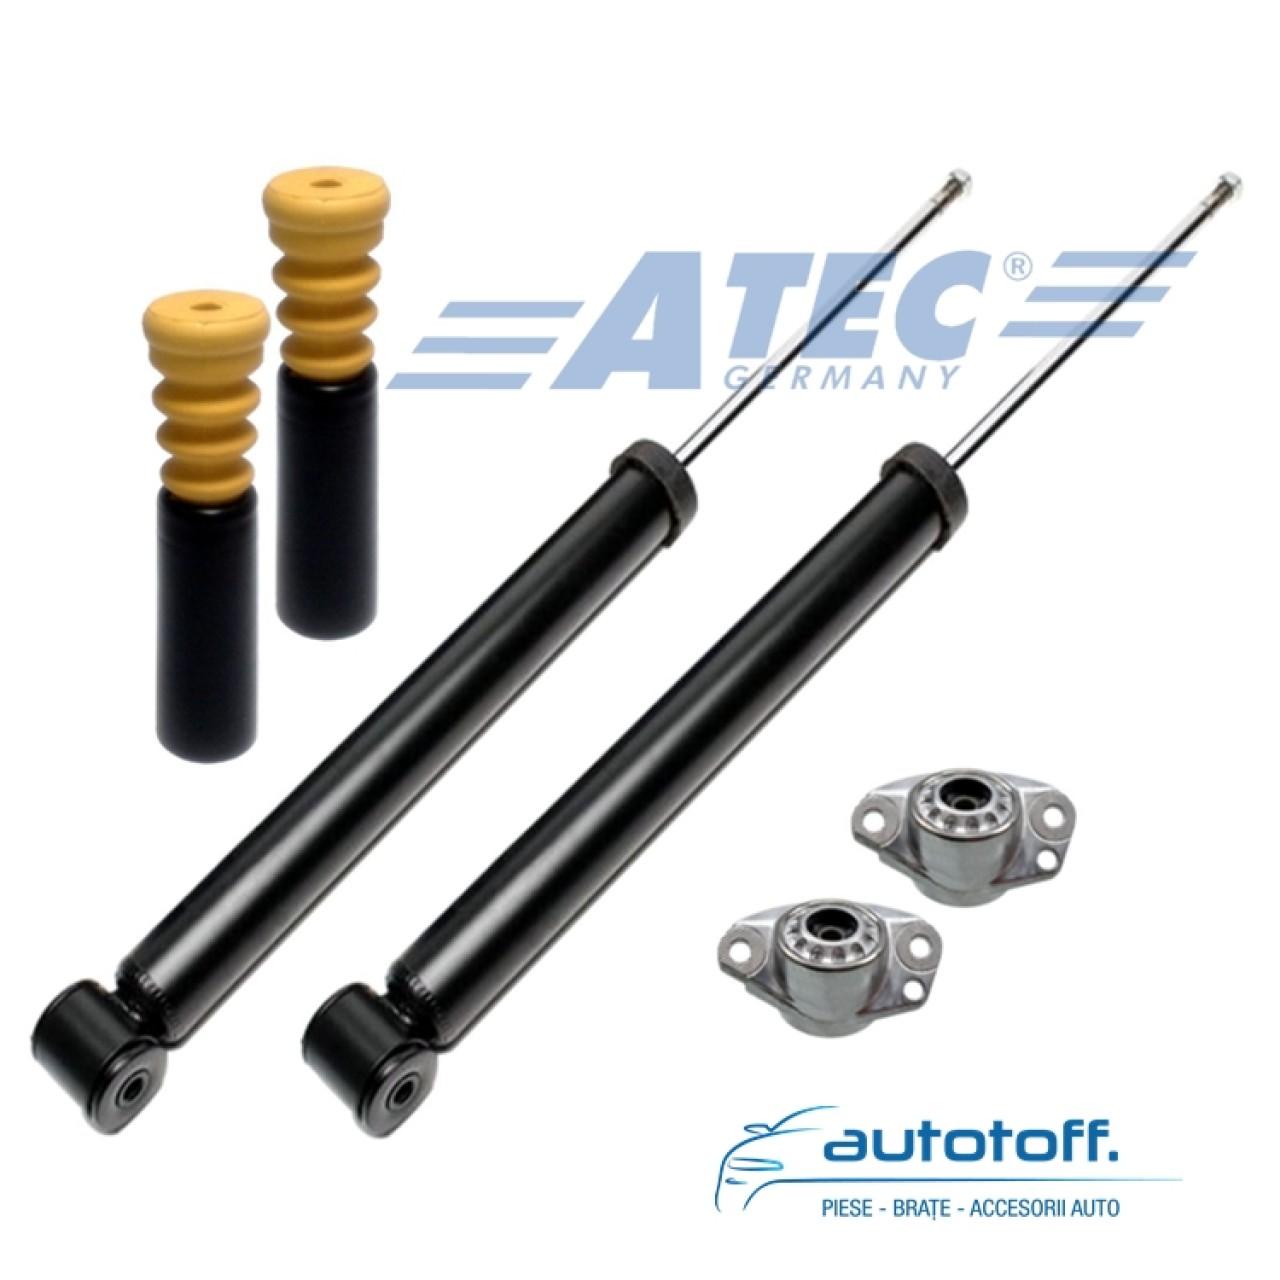 Kit Brate Amortizoare 26 piese Audi A3 8L; VW Bora Golf 4 Beetle; Seat Leon Toledo; Skoda Octavia